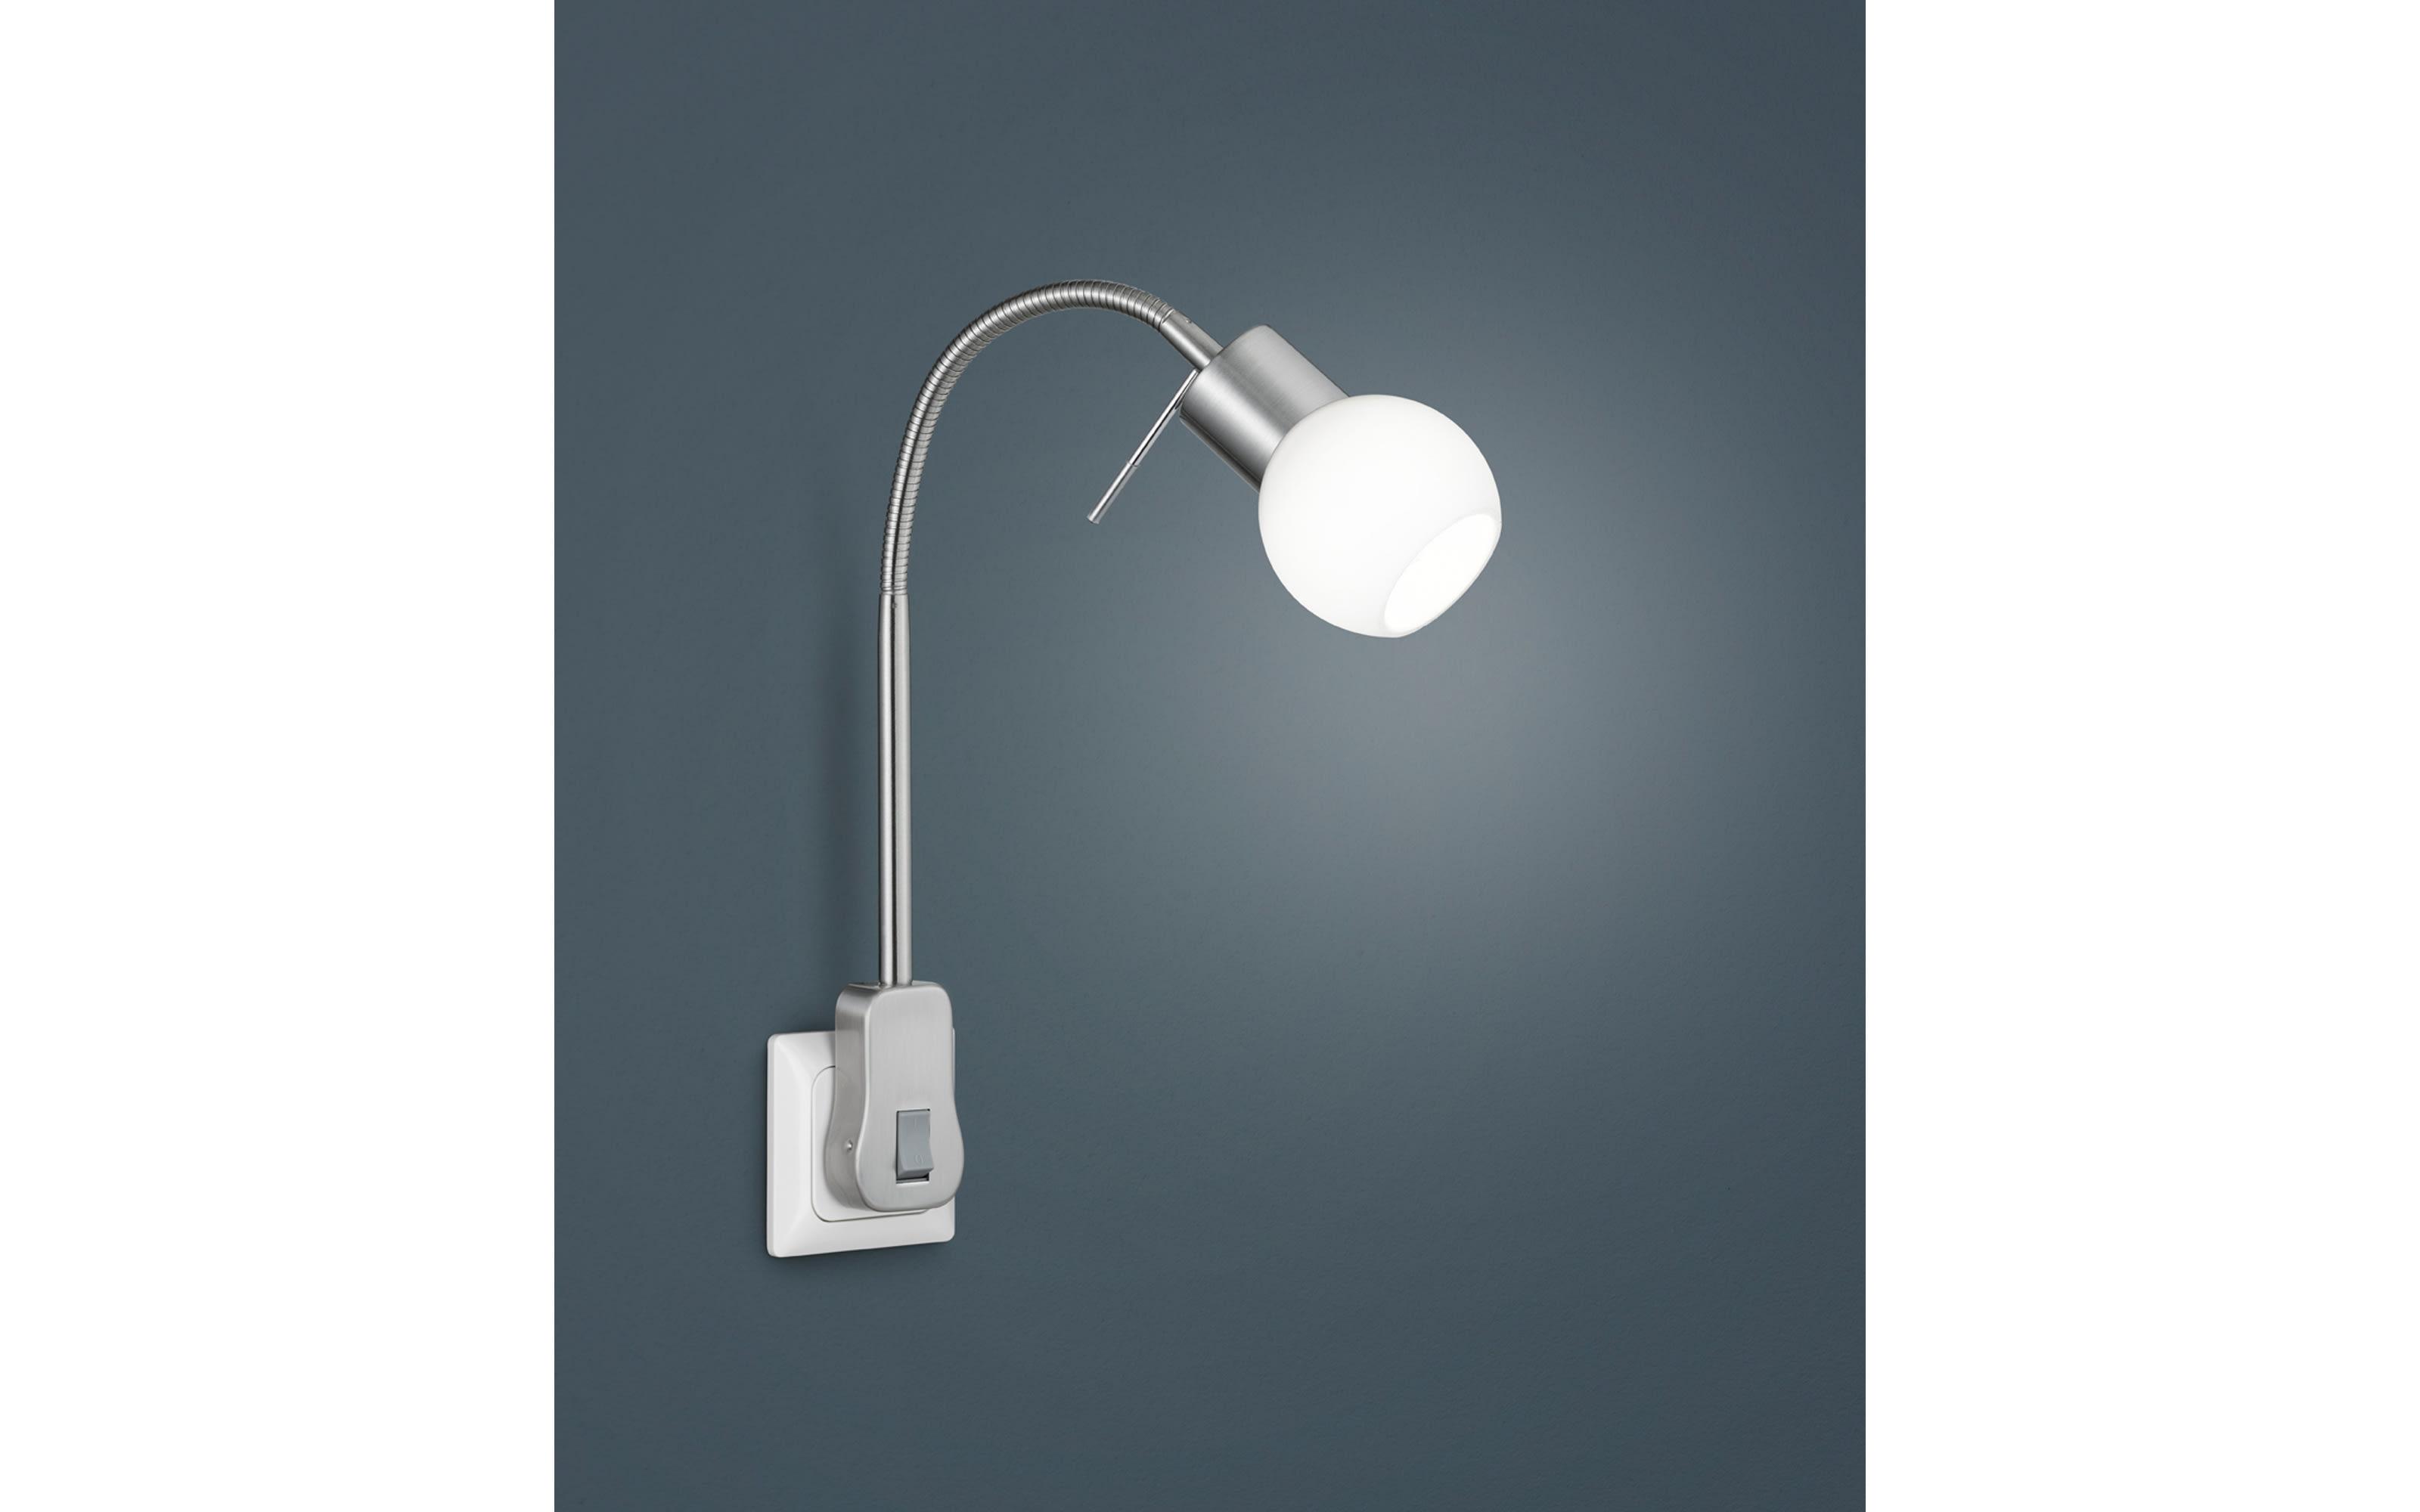 LED-Steckdosenleuchte Fred in nickel matt